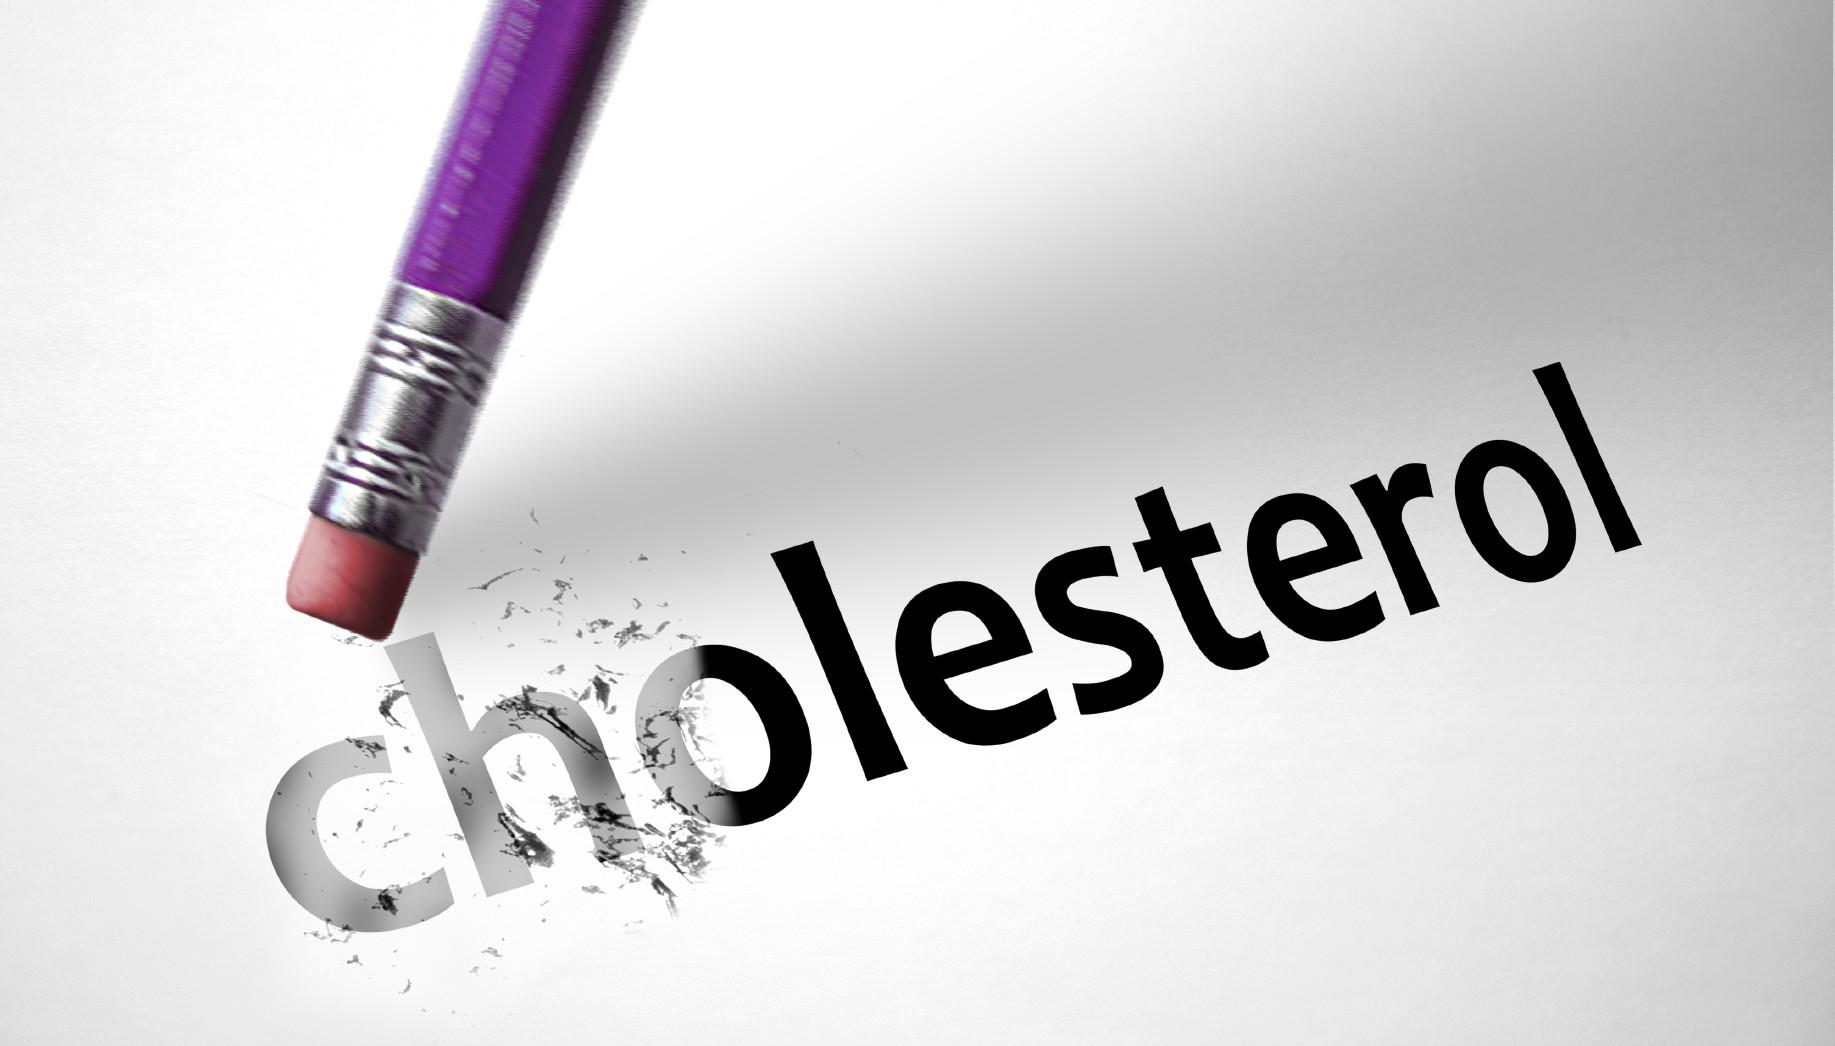 cholesterol-erasing